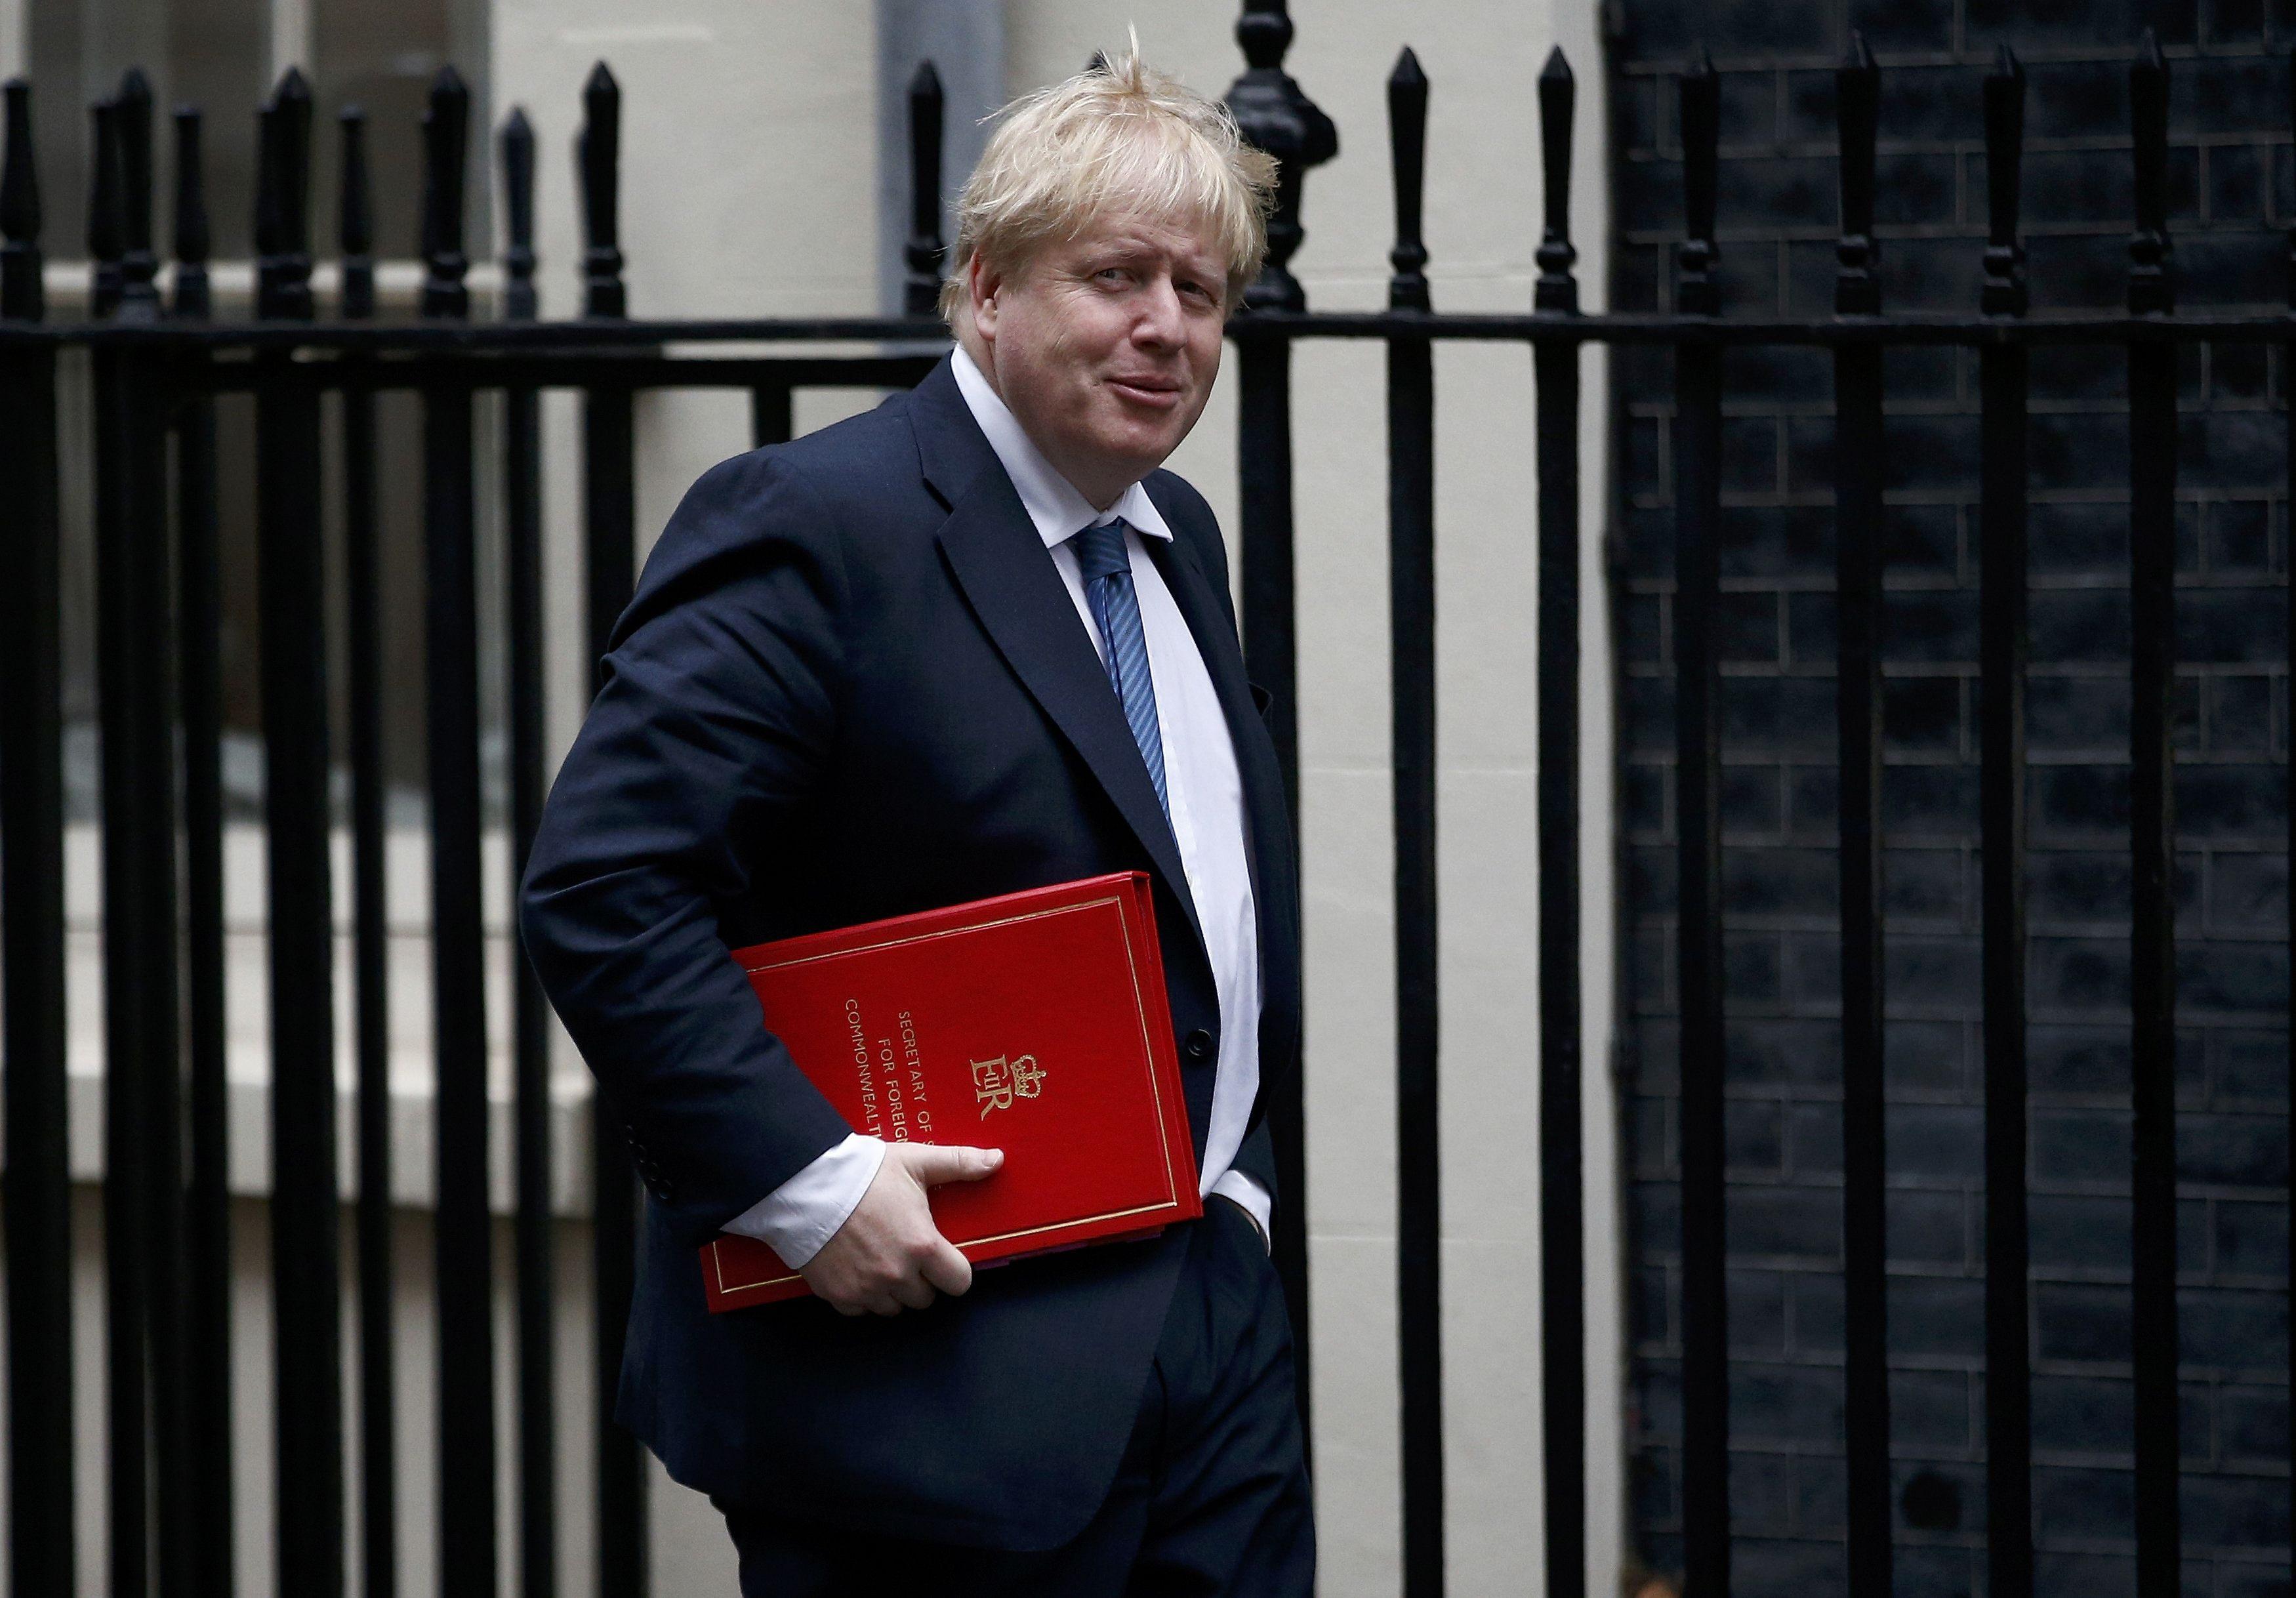 Руководитель МИД Великобритании Джонсон сделал новое объявление о«хакерских атаках» из РФ